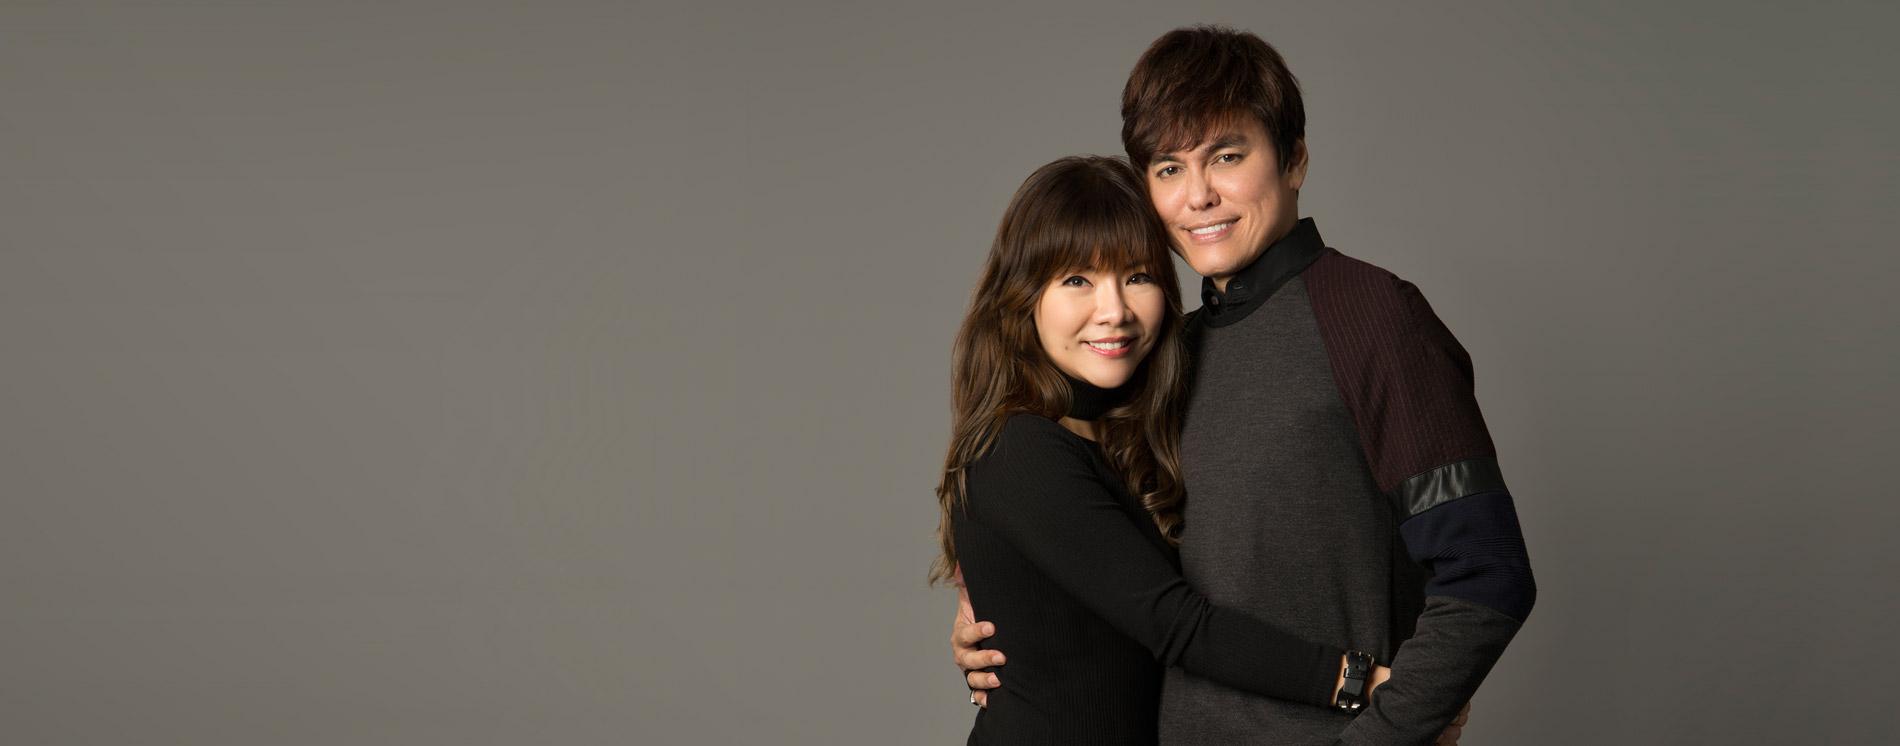 Pastor Prince and Wendy Prince